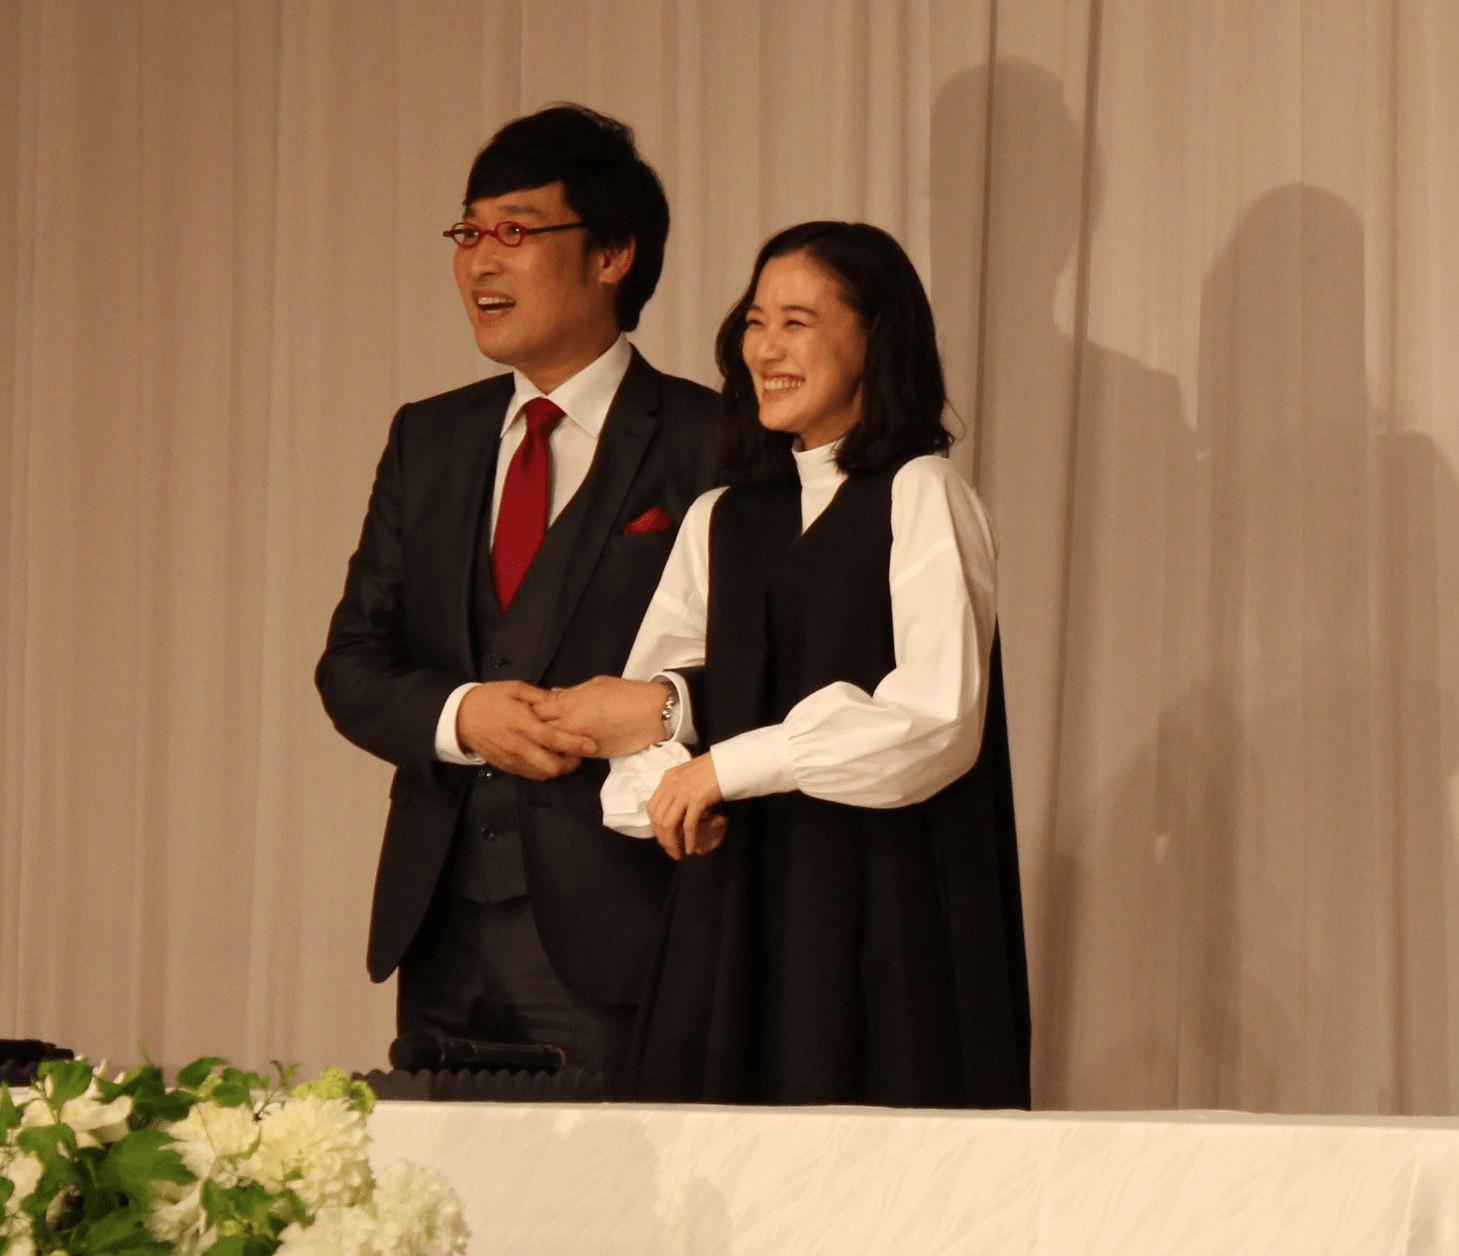 山 ちゃん 蒼井 優 記者 会見